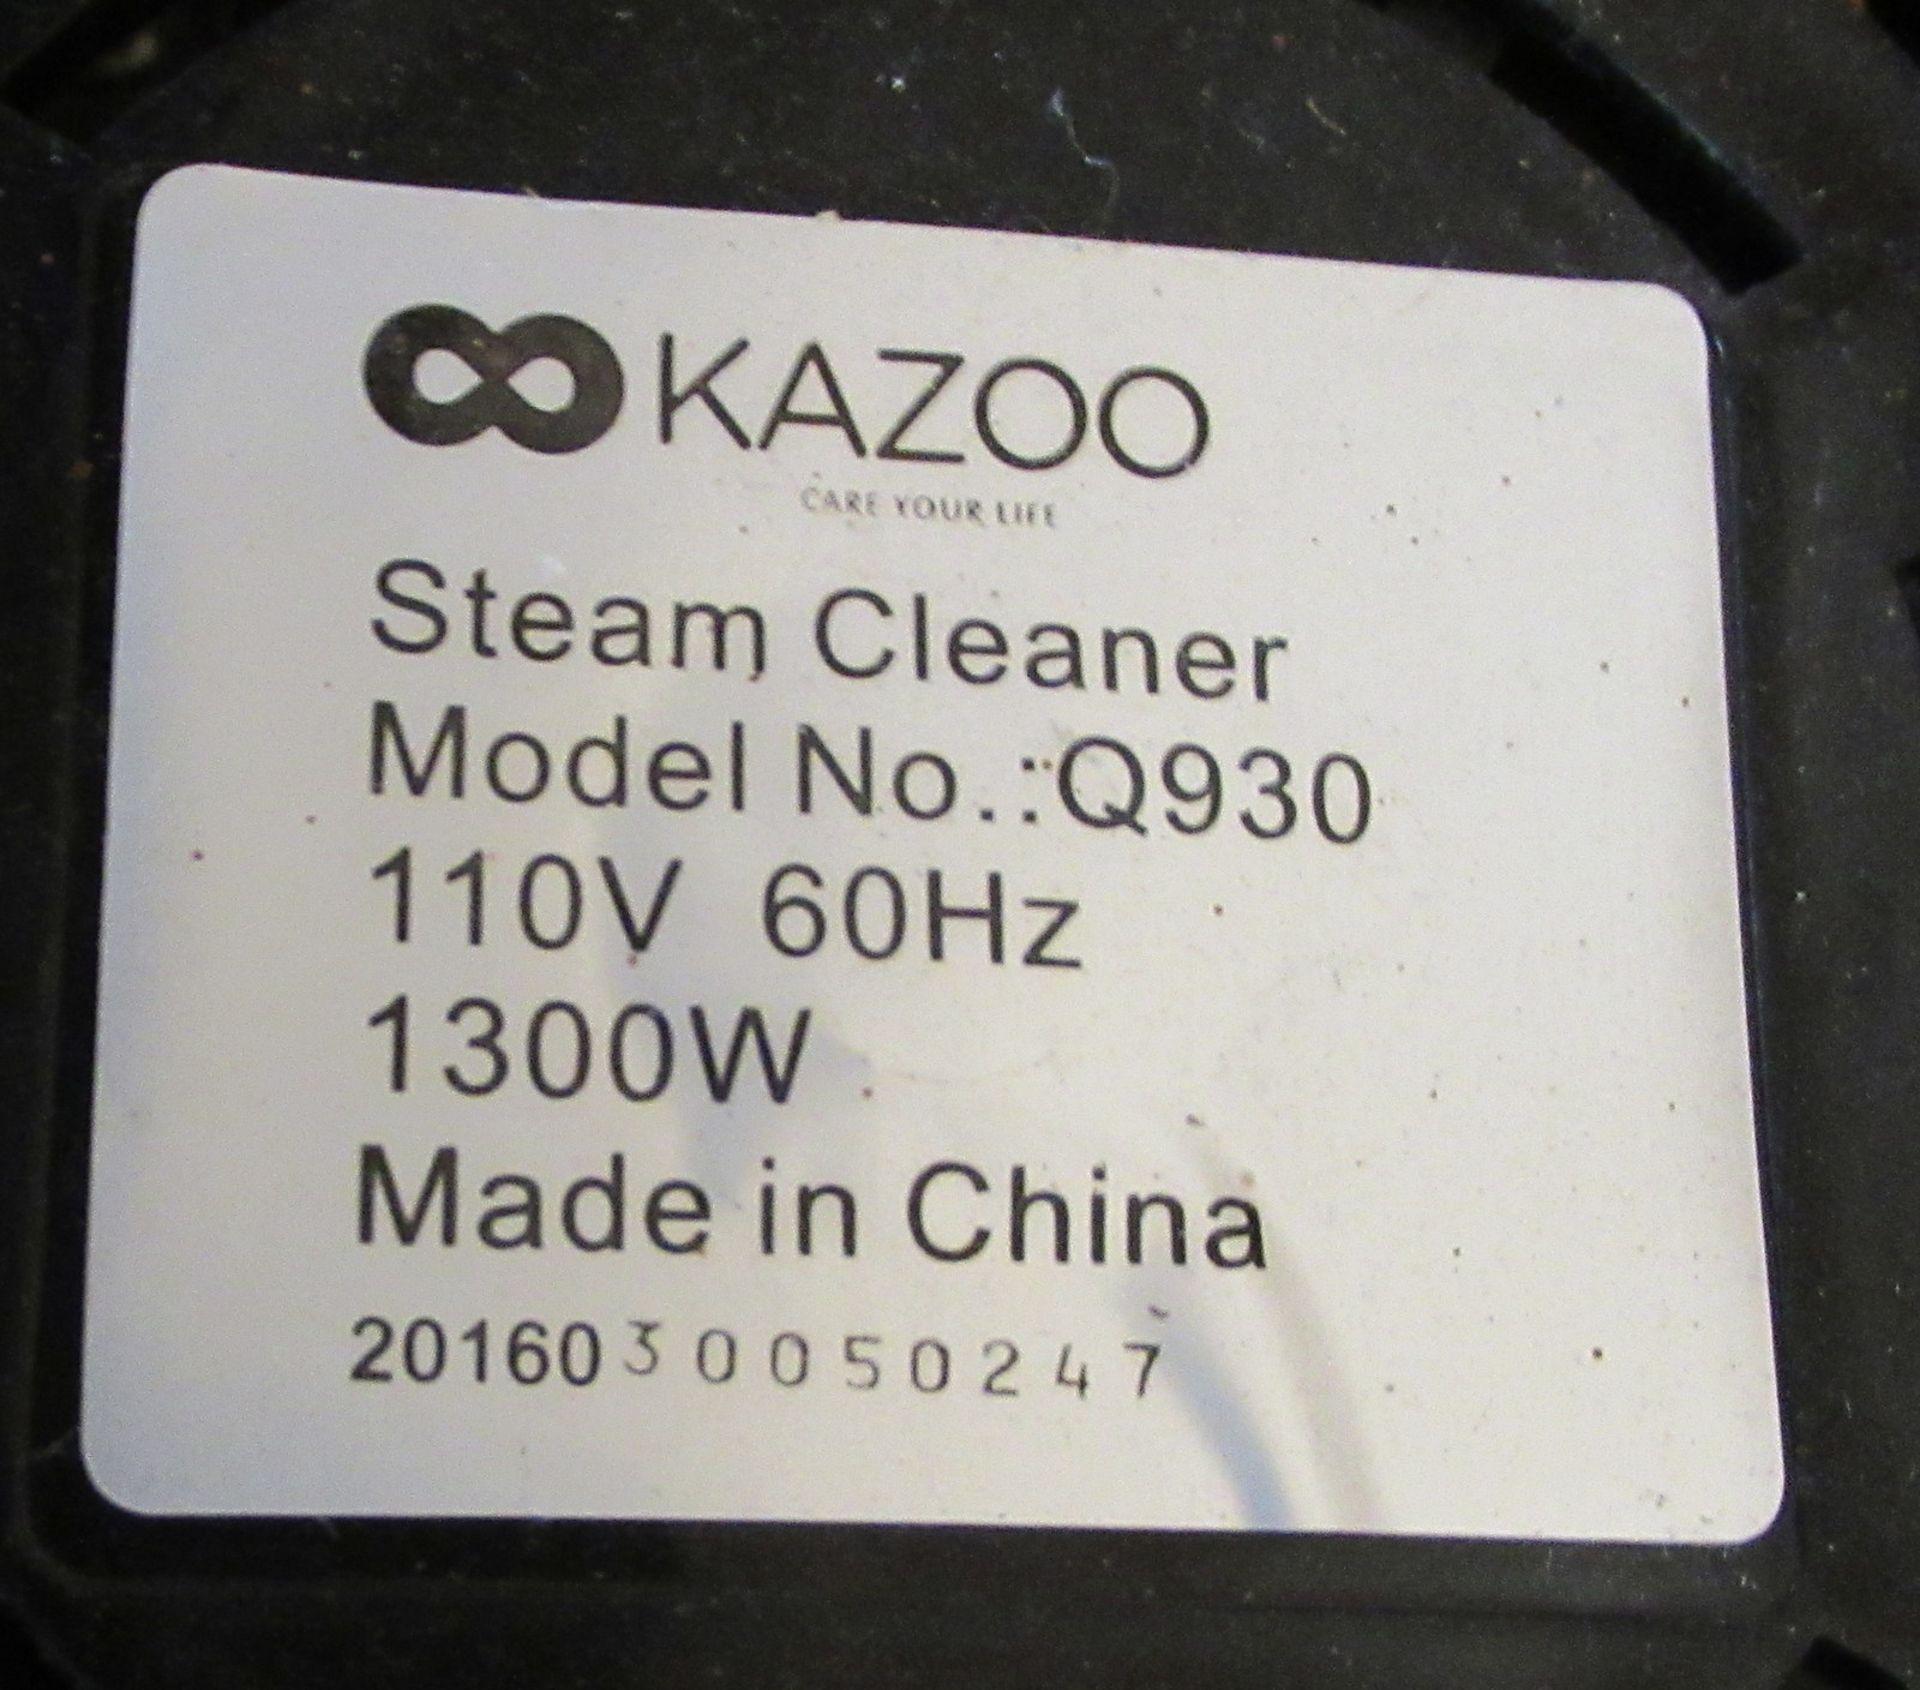 Lot 222 - Kazoo Q930 Steam Cleaner & Accessories